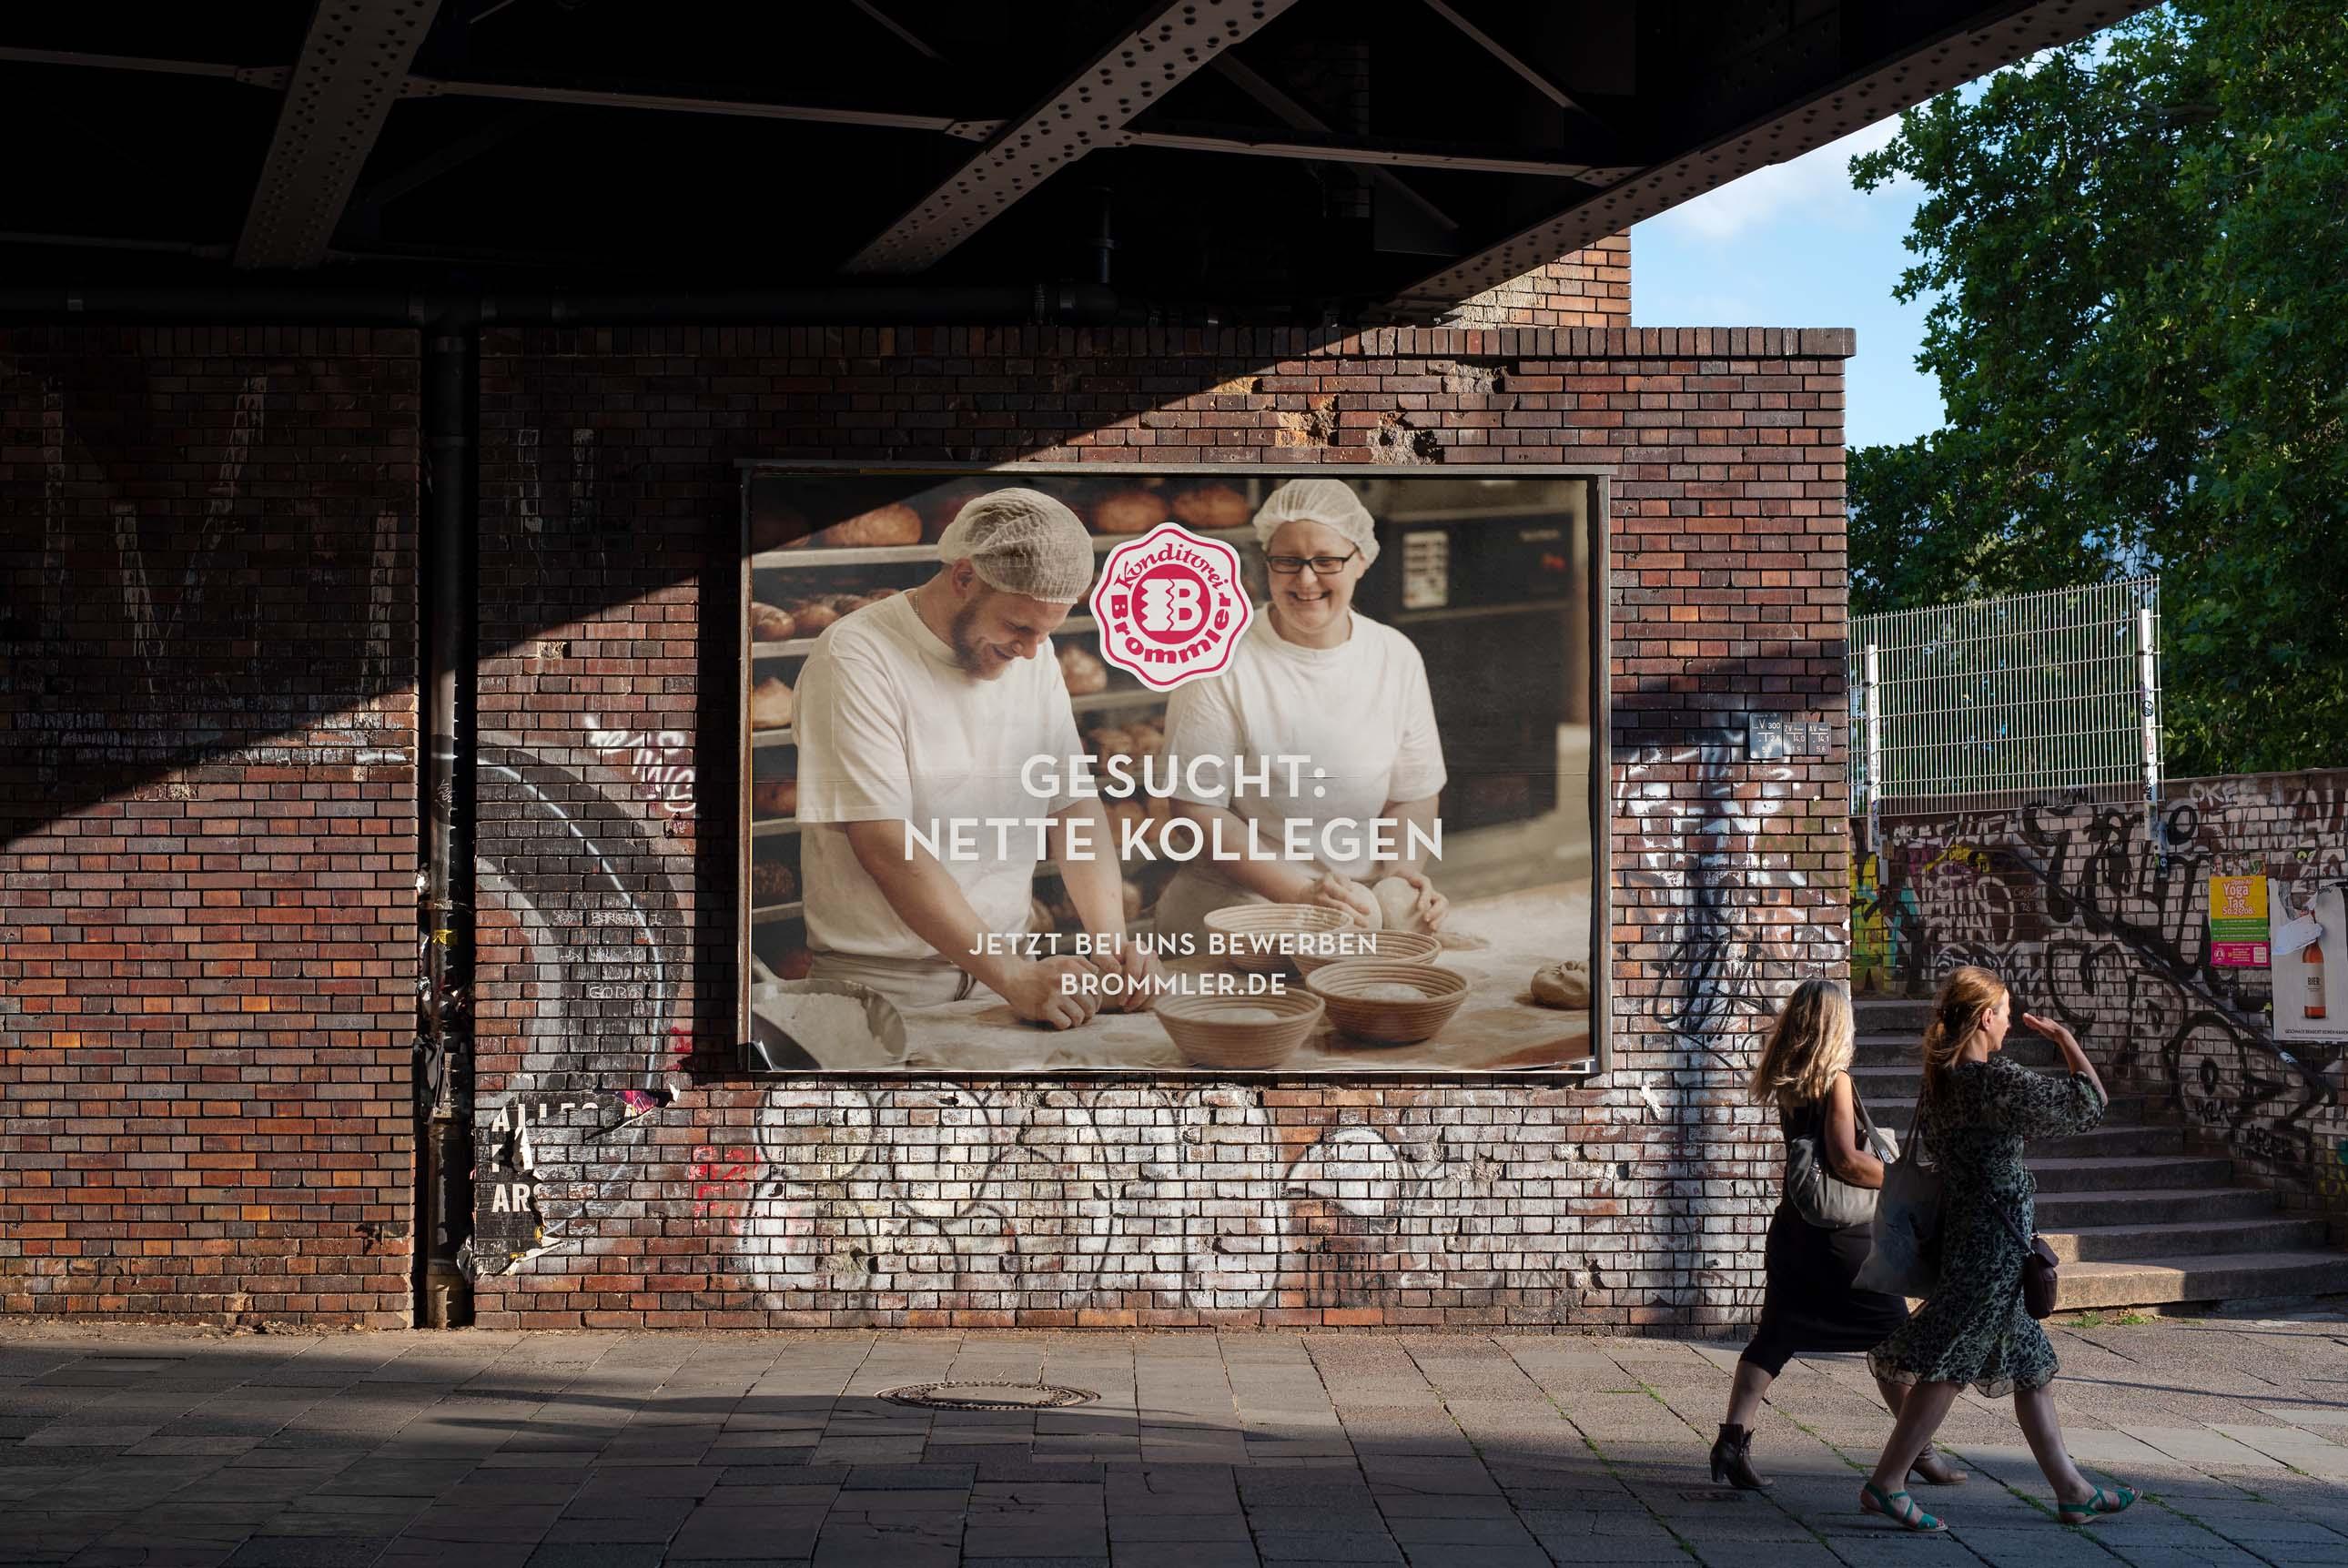 Mitarbeiterwerbung (Employer Branding) über Großformatplakate für die Bäckerei Brommler